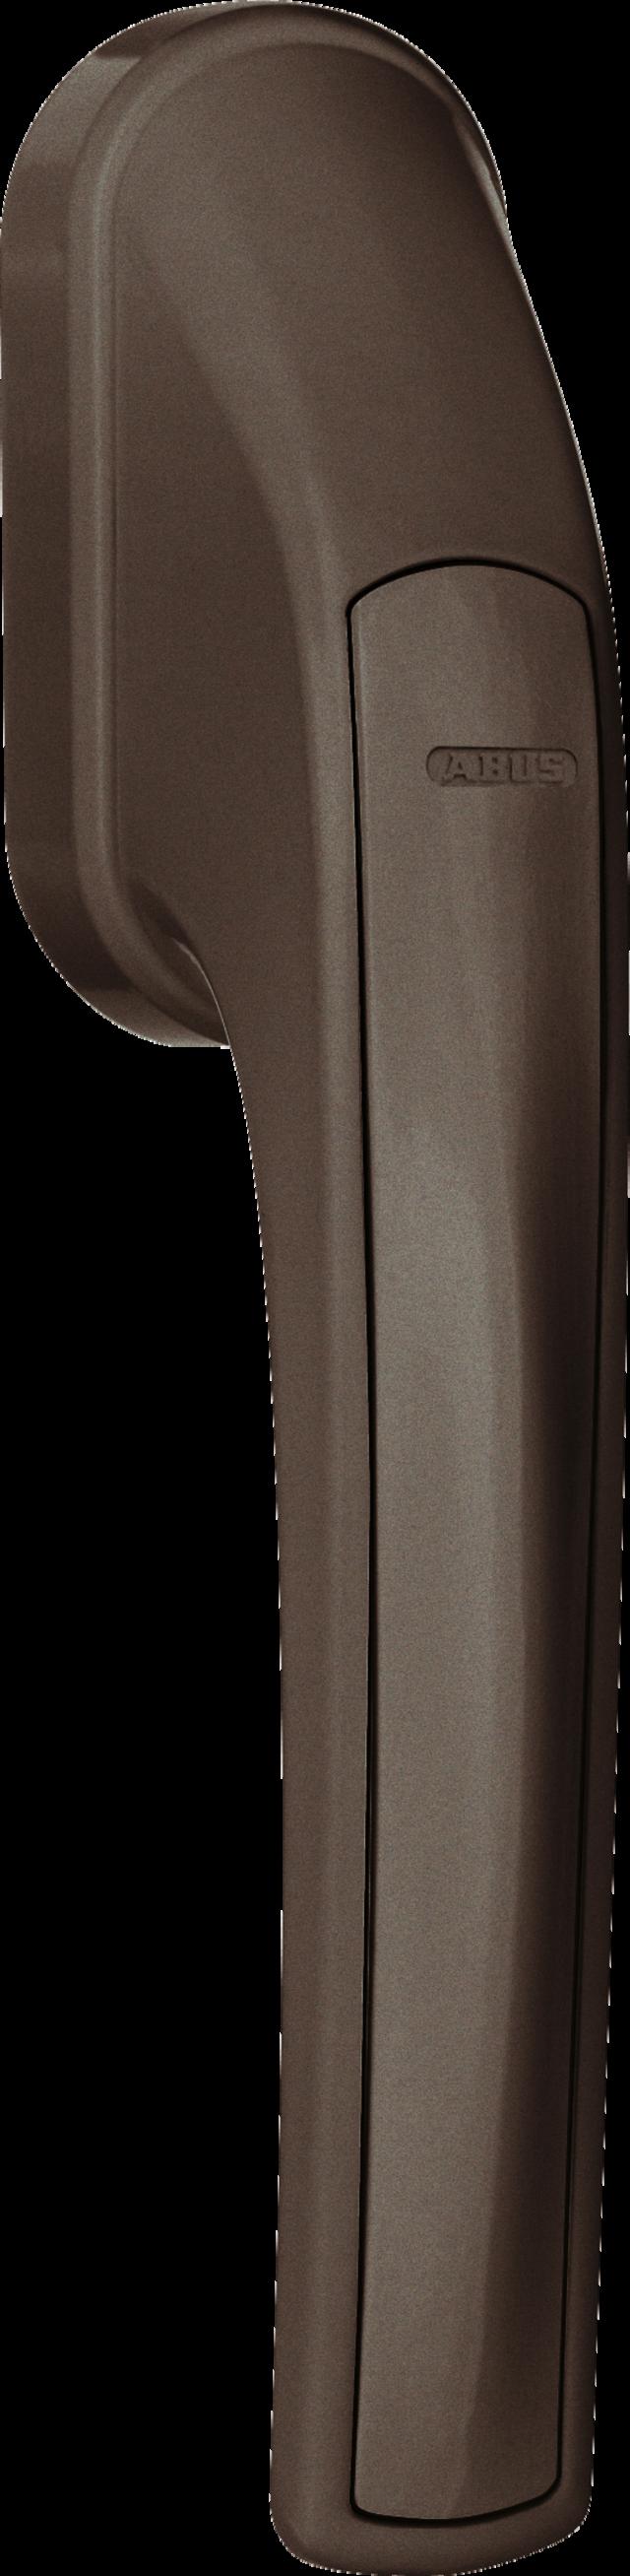 Secvest Funk-Fenstergriff FG 350 E (braun) Rechte Vorderansicht